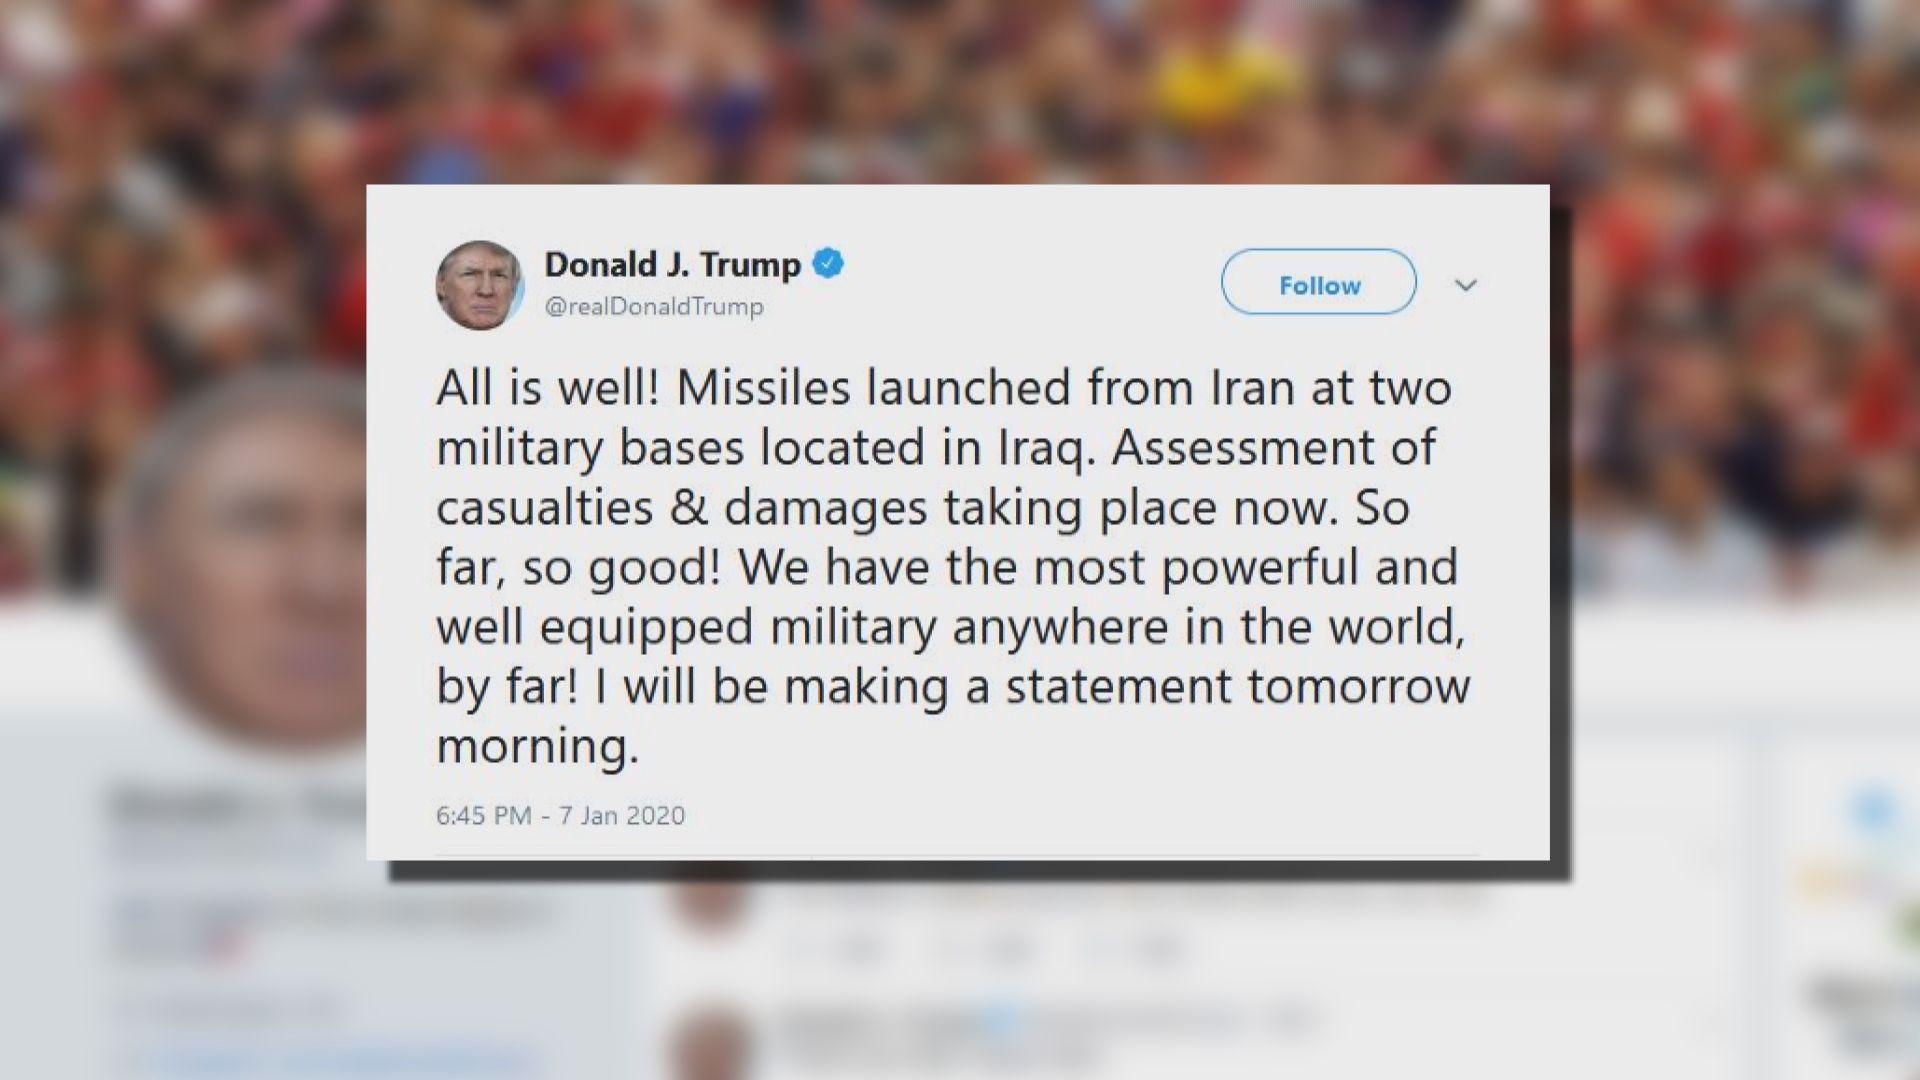 伊朗導彈攻擊伊拉克美軍基地 美國指無傷亡報告